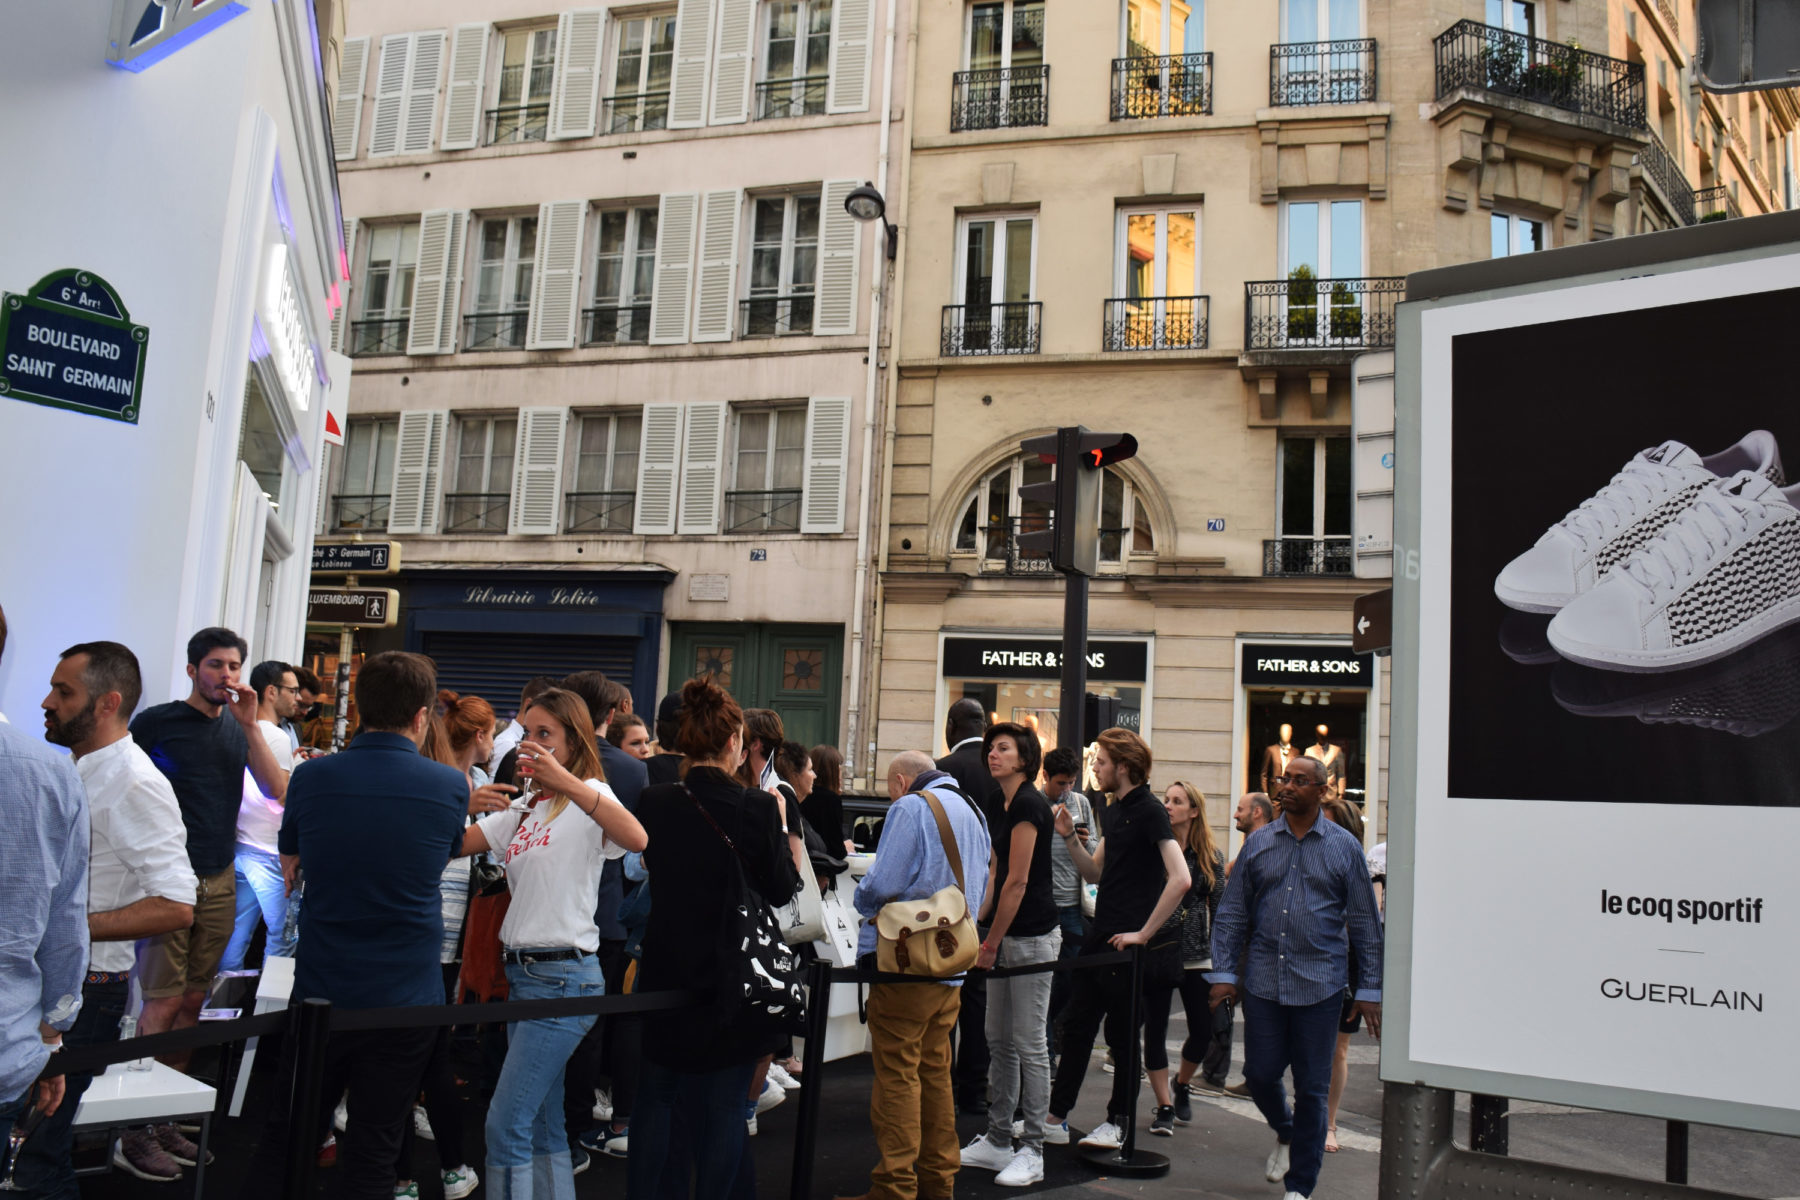 Photos-article-Basket-Le-Coq-Sportif-Gerlain-Soirée-17-1800x1200